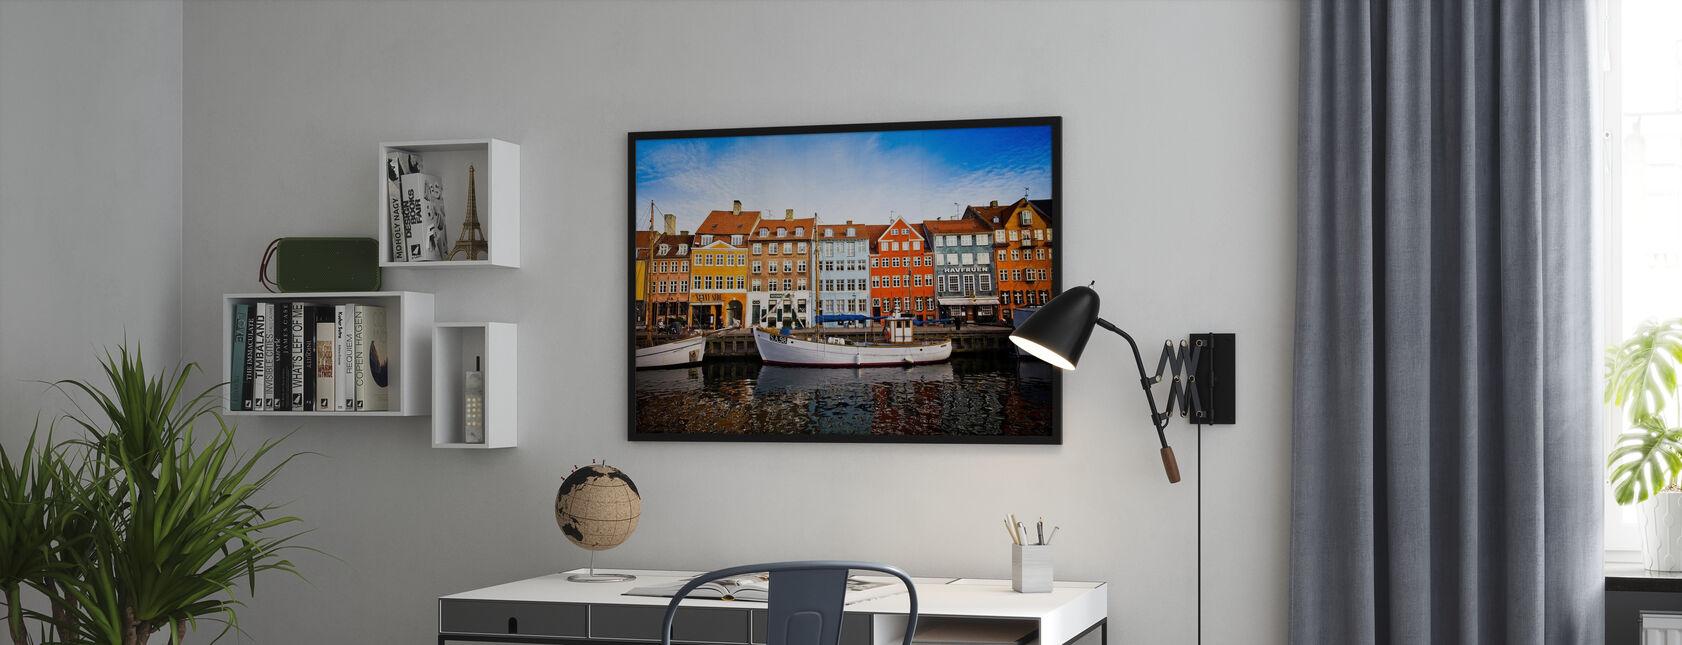 Boats in Nyhavn, Copenhagen, Denmark - Framed print - Office